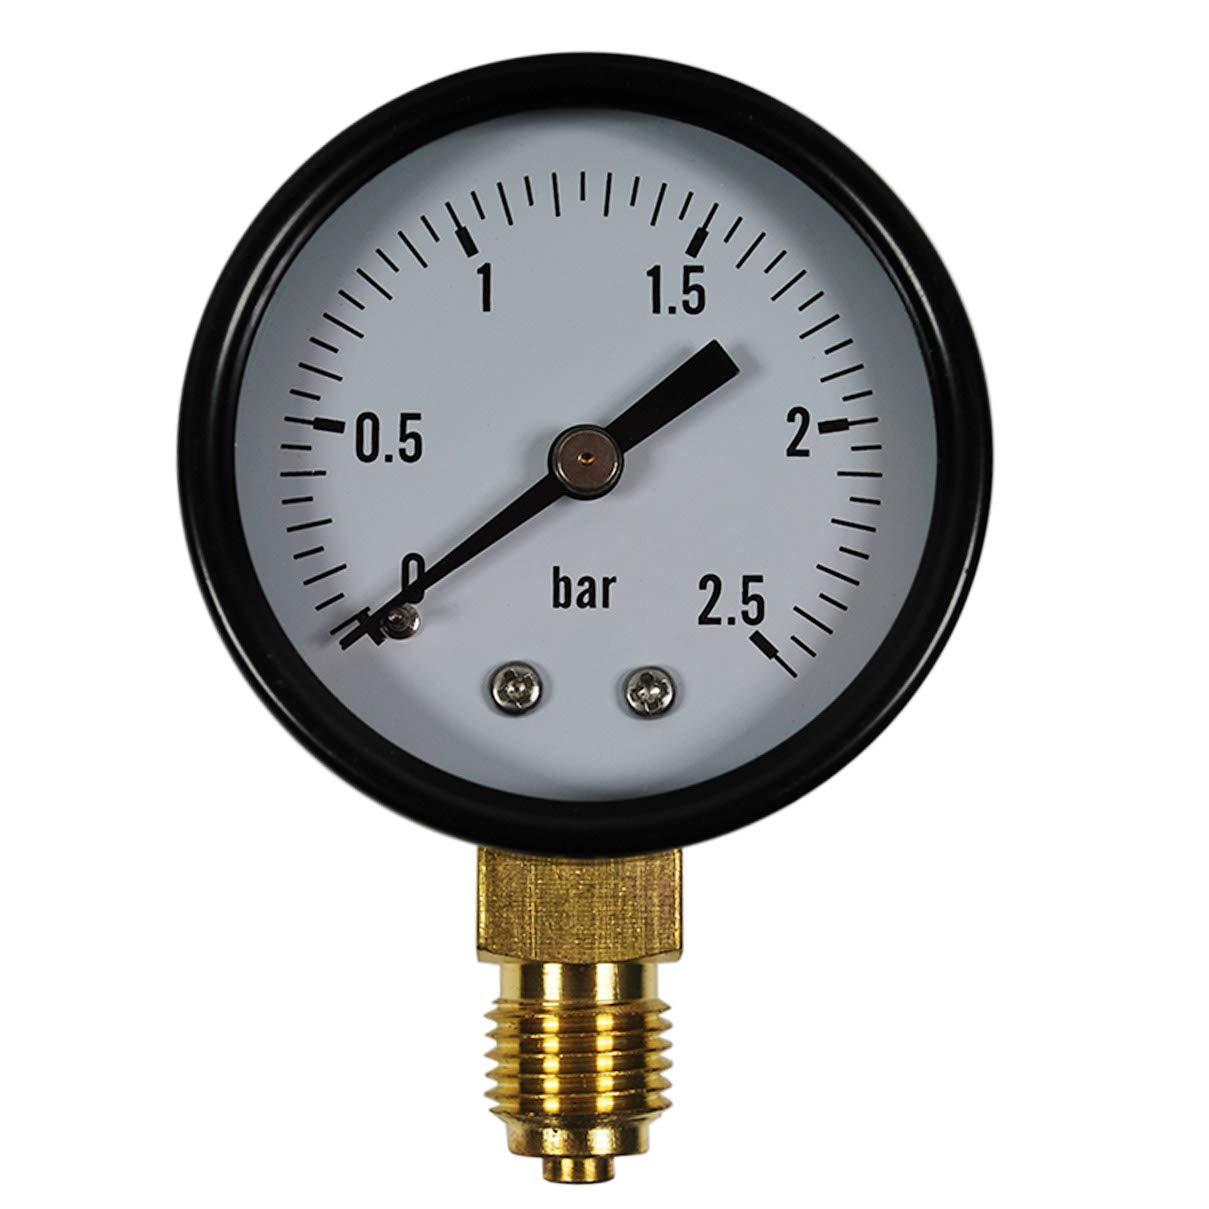 aus Messing im Metallgeh/äuse Druckluft Manometer//Vakuummeter 1//4 Anschluss unten HELO 0-16 bar Manometer senkrecht /Ø 50 mm